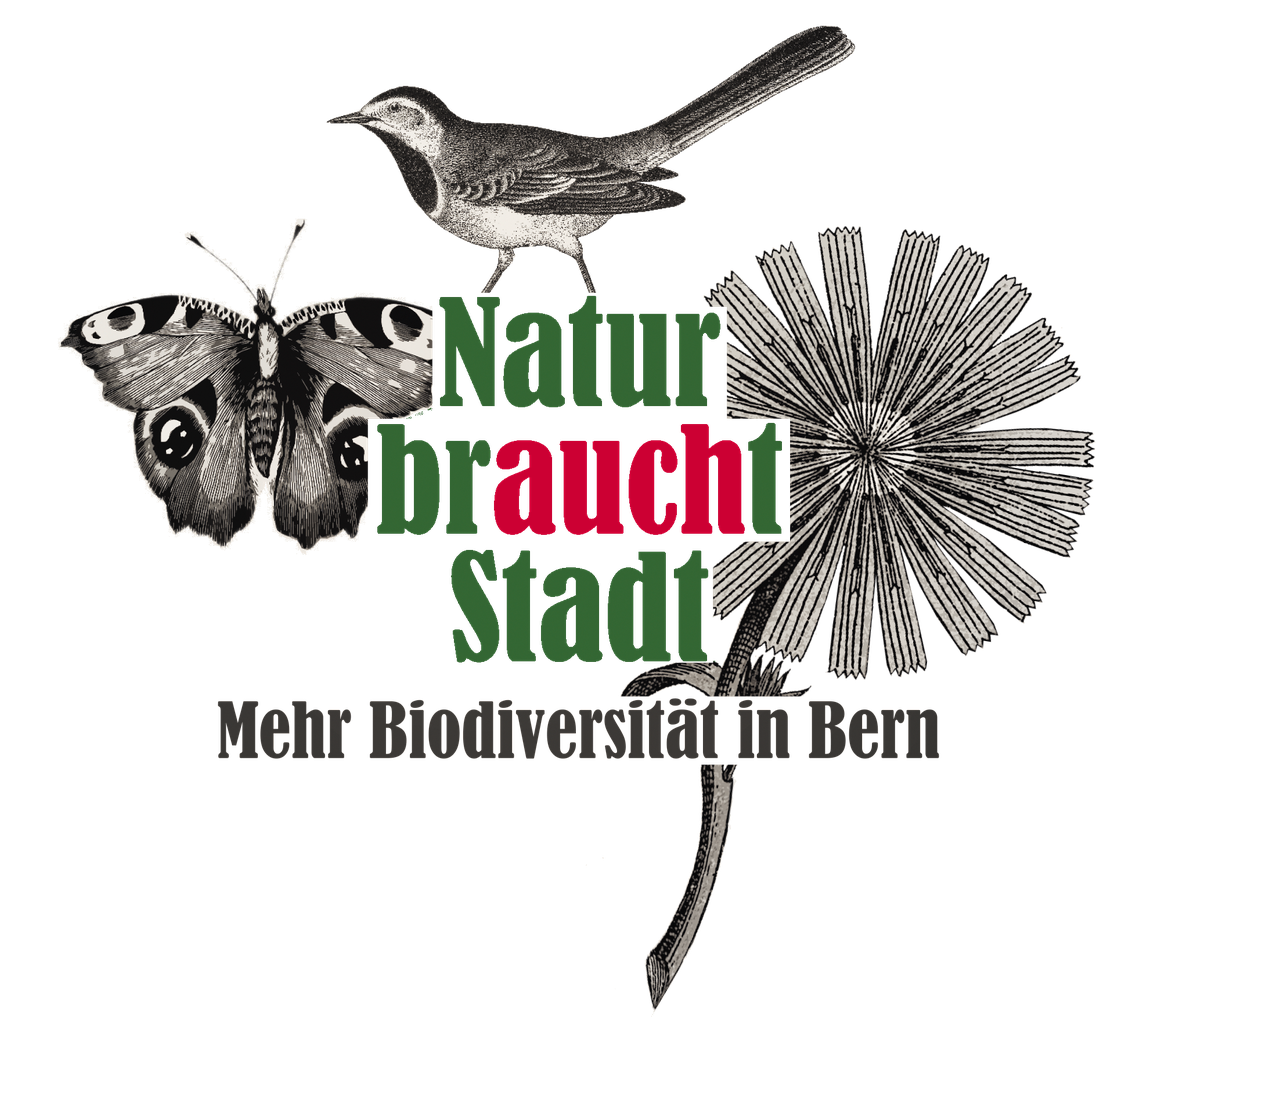 Logo Natur braucht Stadt